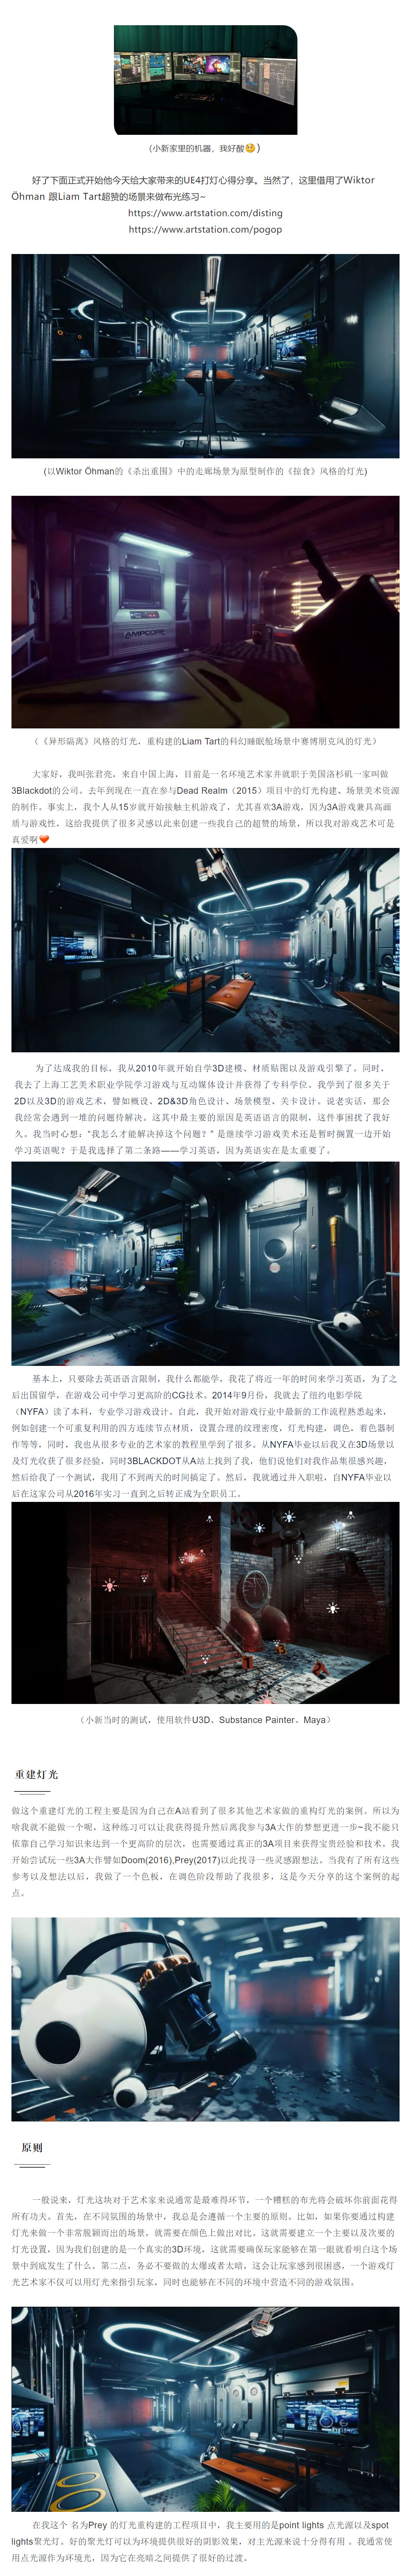 Junliang zhang 80 level 4 3